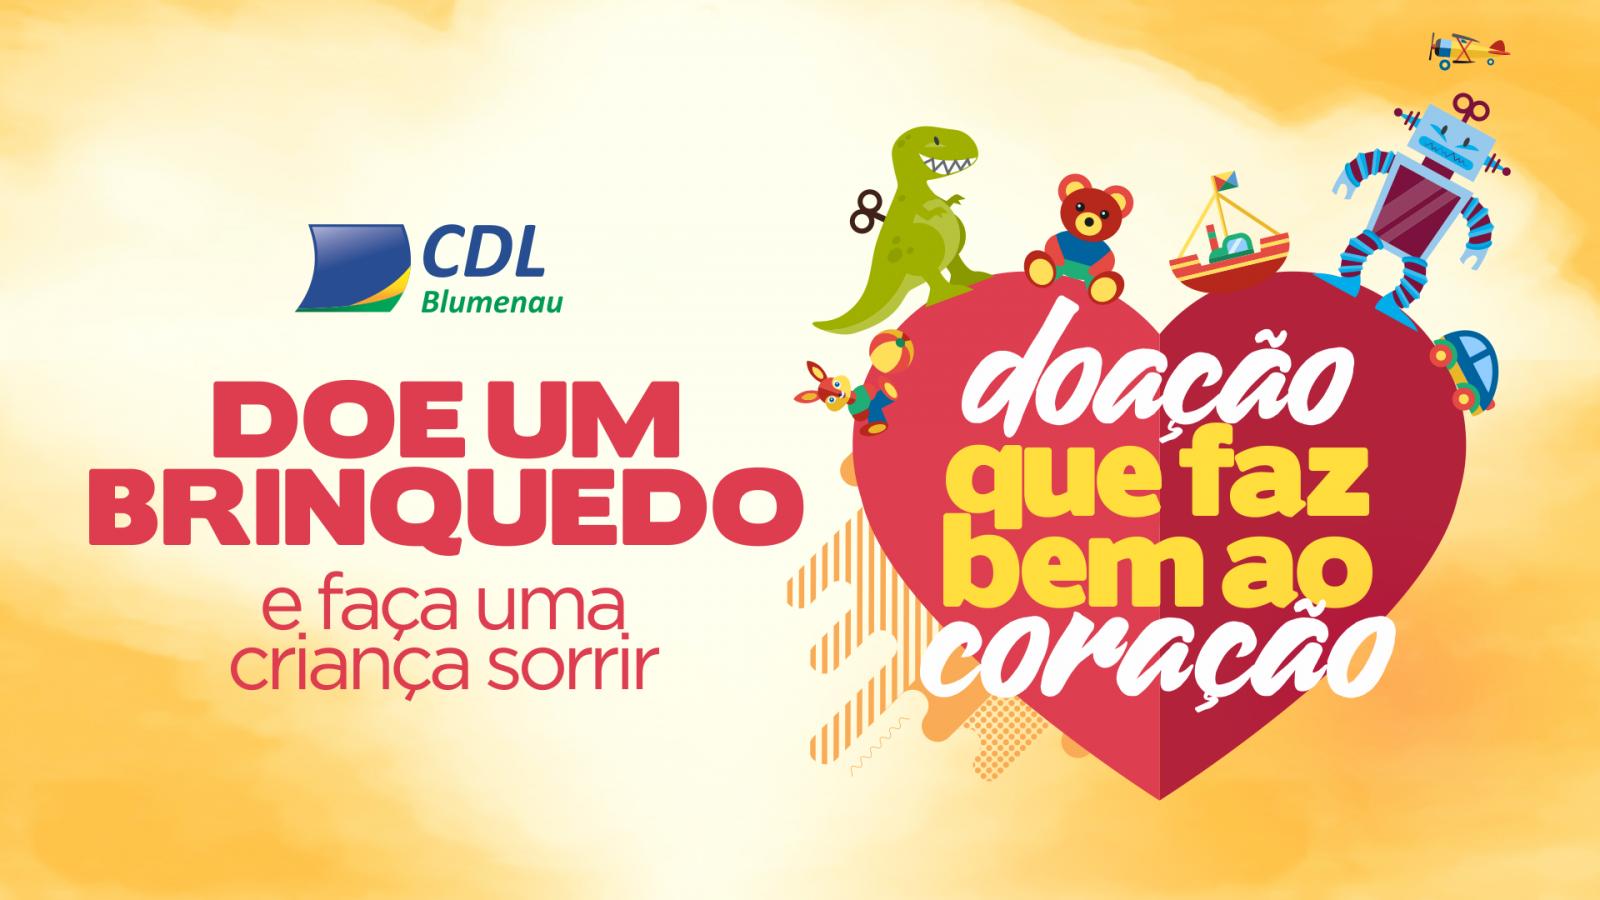 7784c0f395 CDL Blumenau lança campanha do brinquedo para o Natal